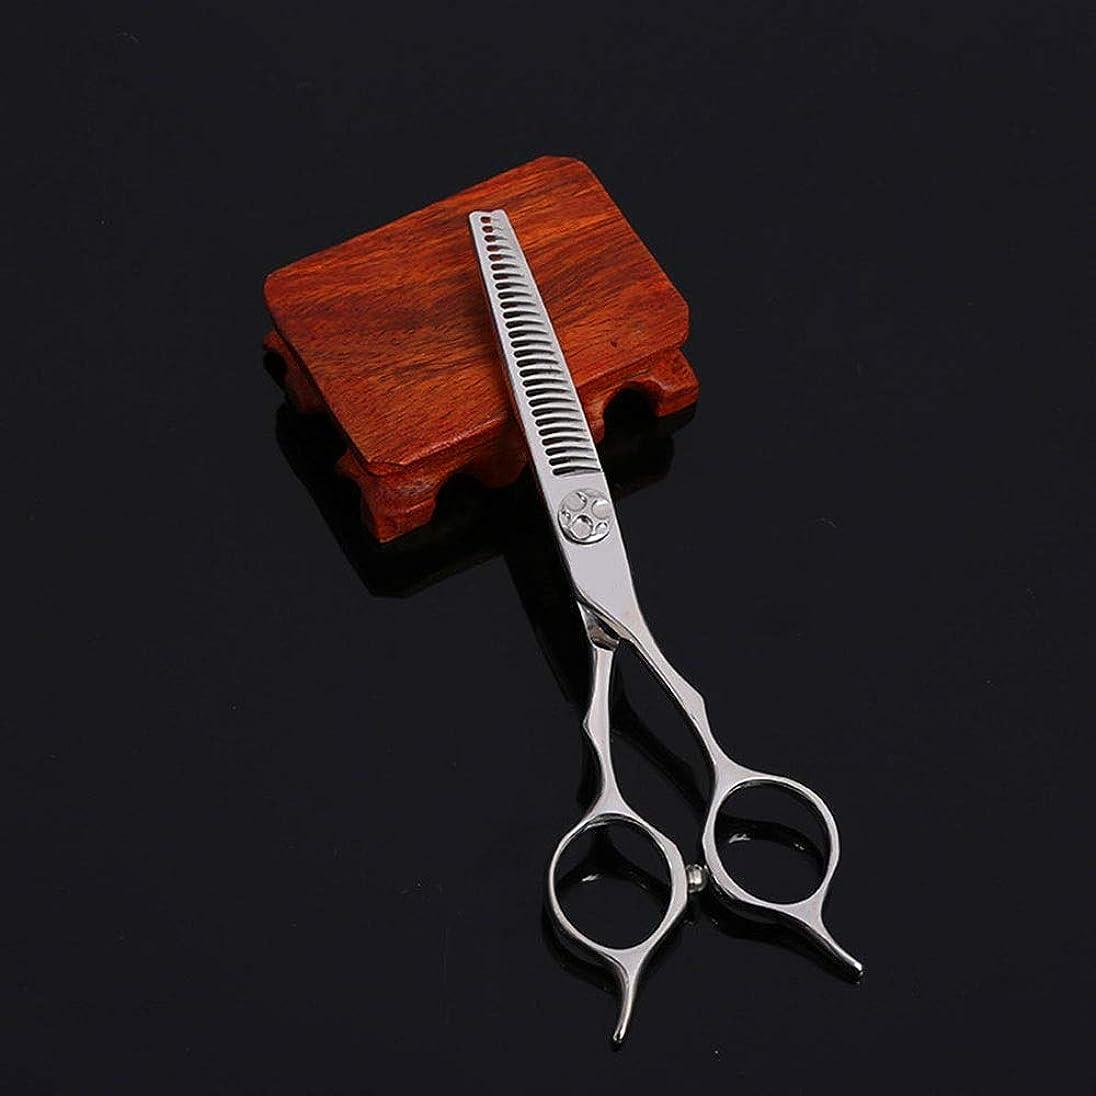 土立証する言うHairdressing 5.5インチの美容院の専門のステンレス鋼の散髪はさみの毛の切断はさみのステンレス製の理髪師のはさみ (色 : Silver)